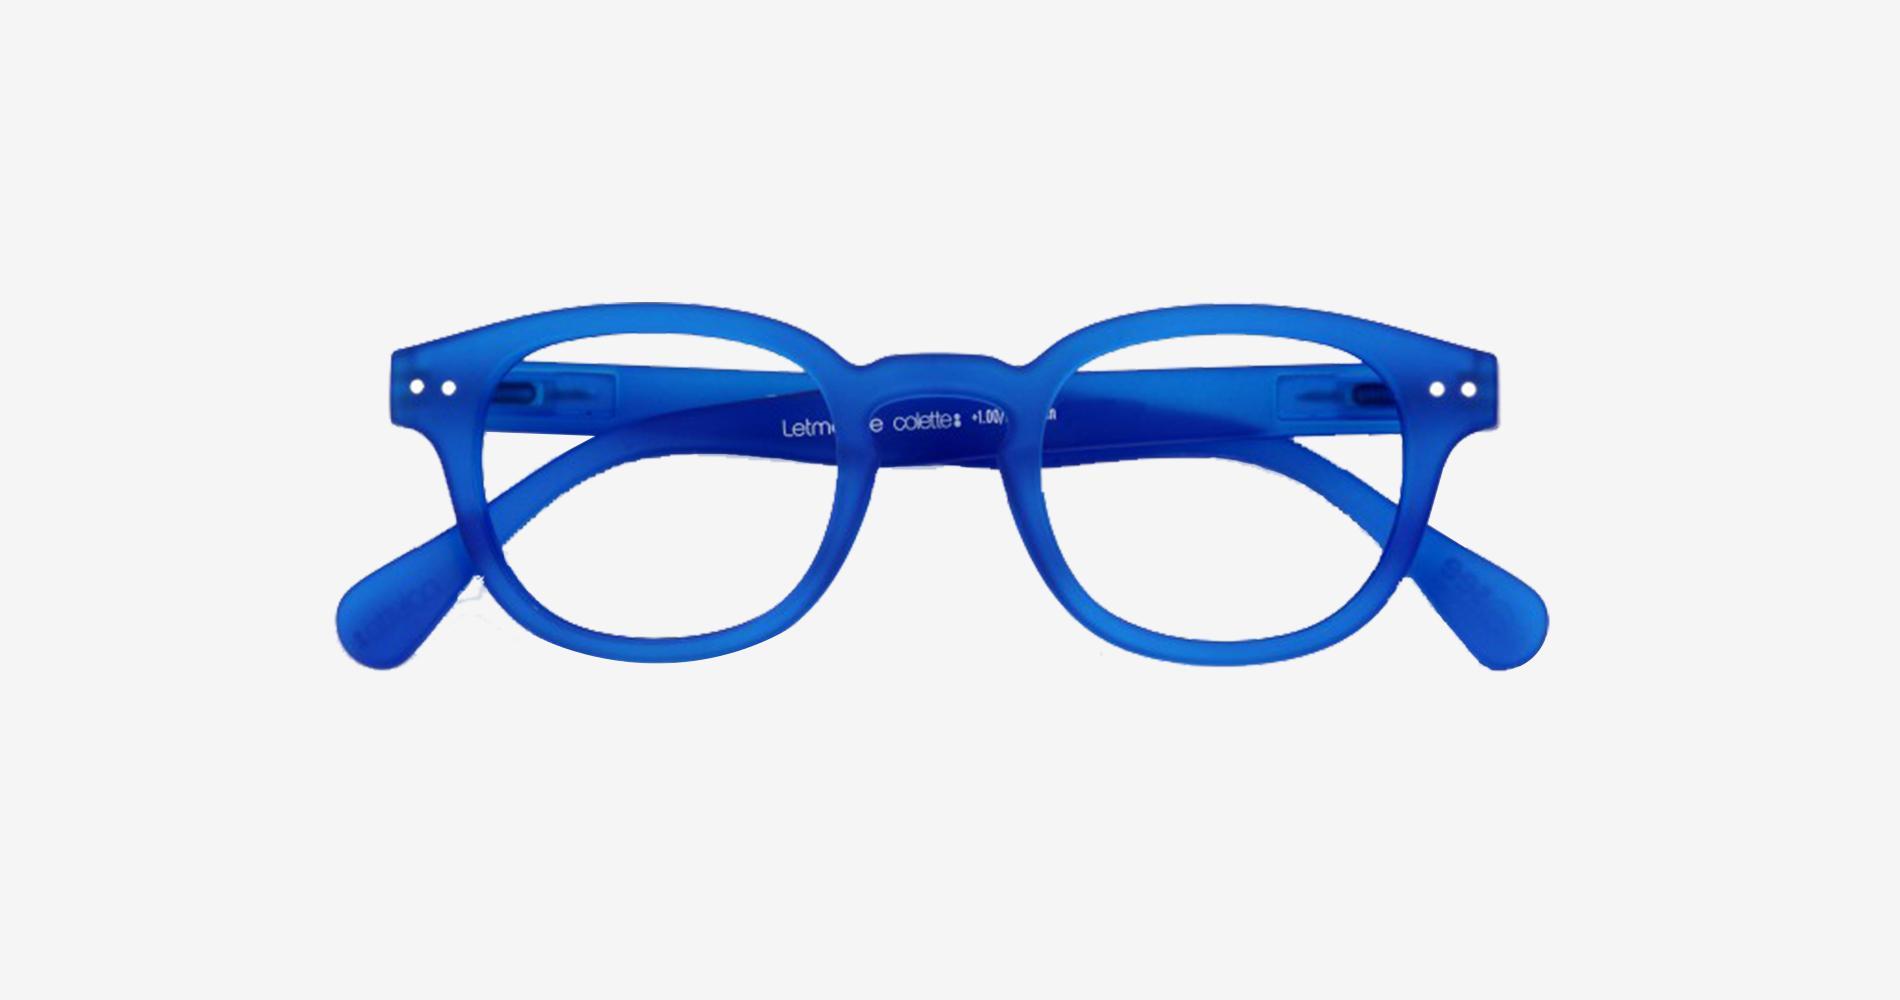 e372b46d179c62 Comment choisir des lunettes qui me vont vraiment   - Madame Figaro